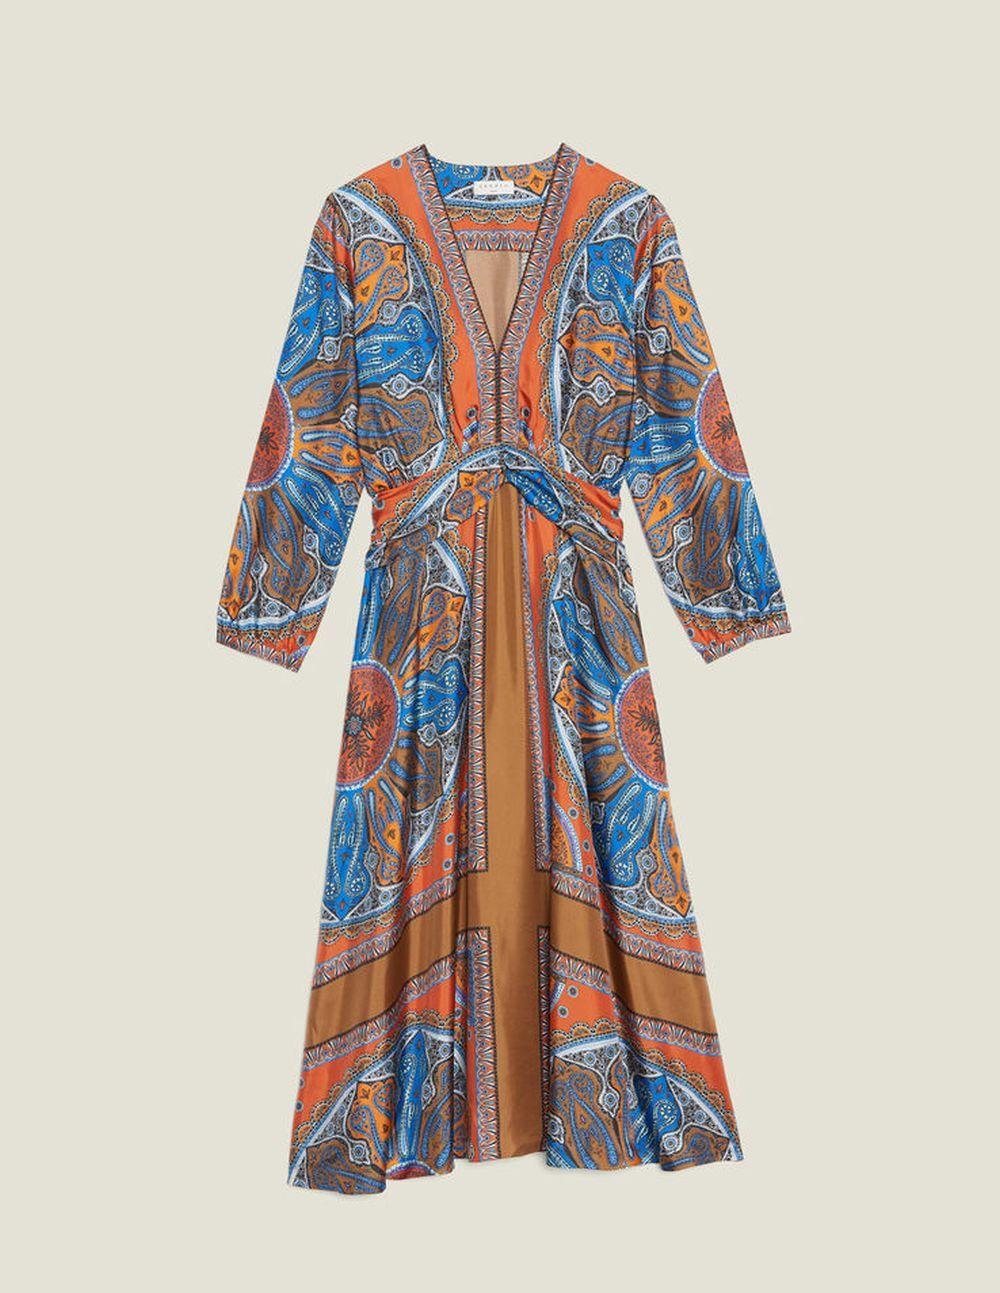 Vestido de seda de Sandro Paris (395 euros)